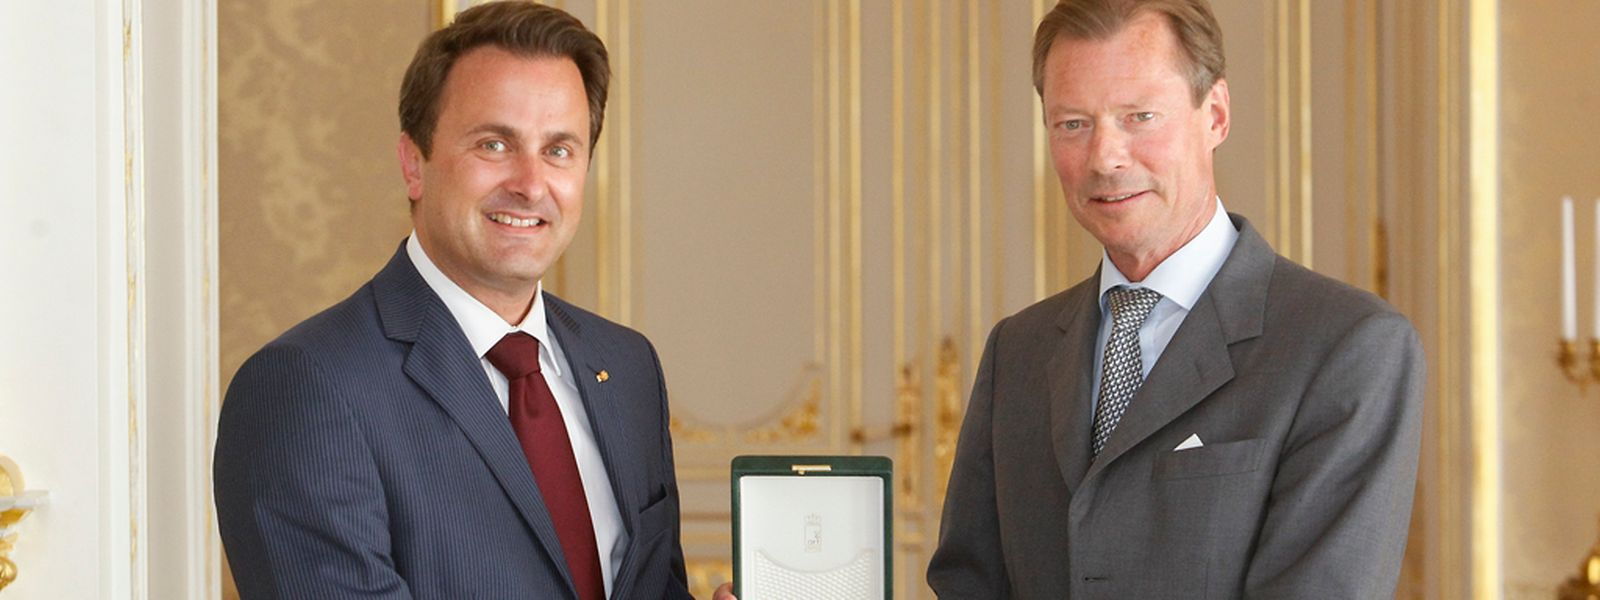 Großherzog Henri überreicht Premierminister Bettel die Grand-Croix des Ordre de la Couronne de Chêne. Foto: Guy Jallay